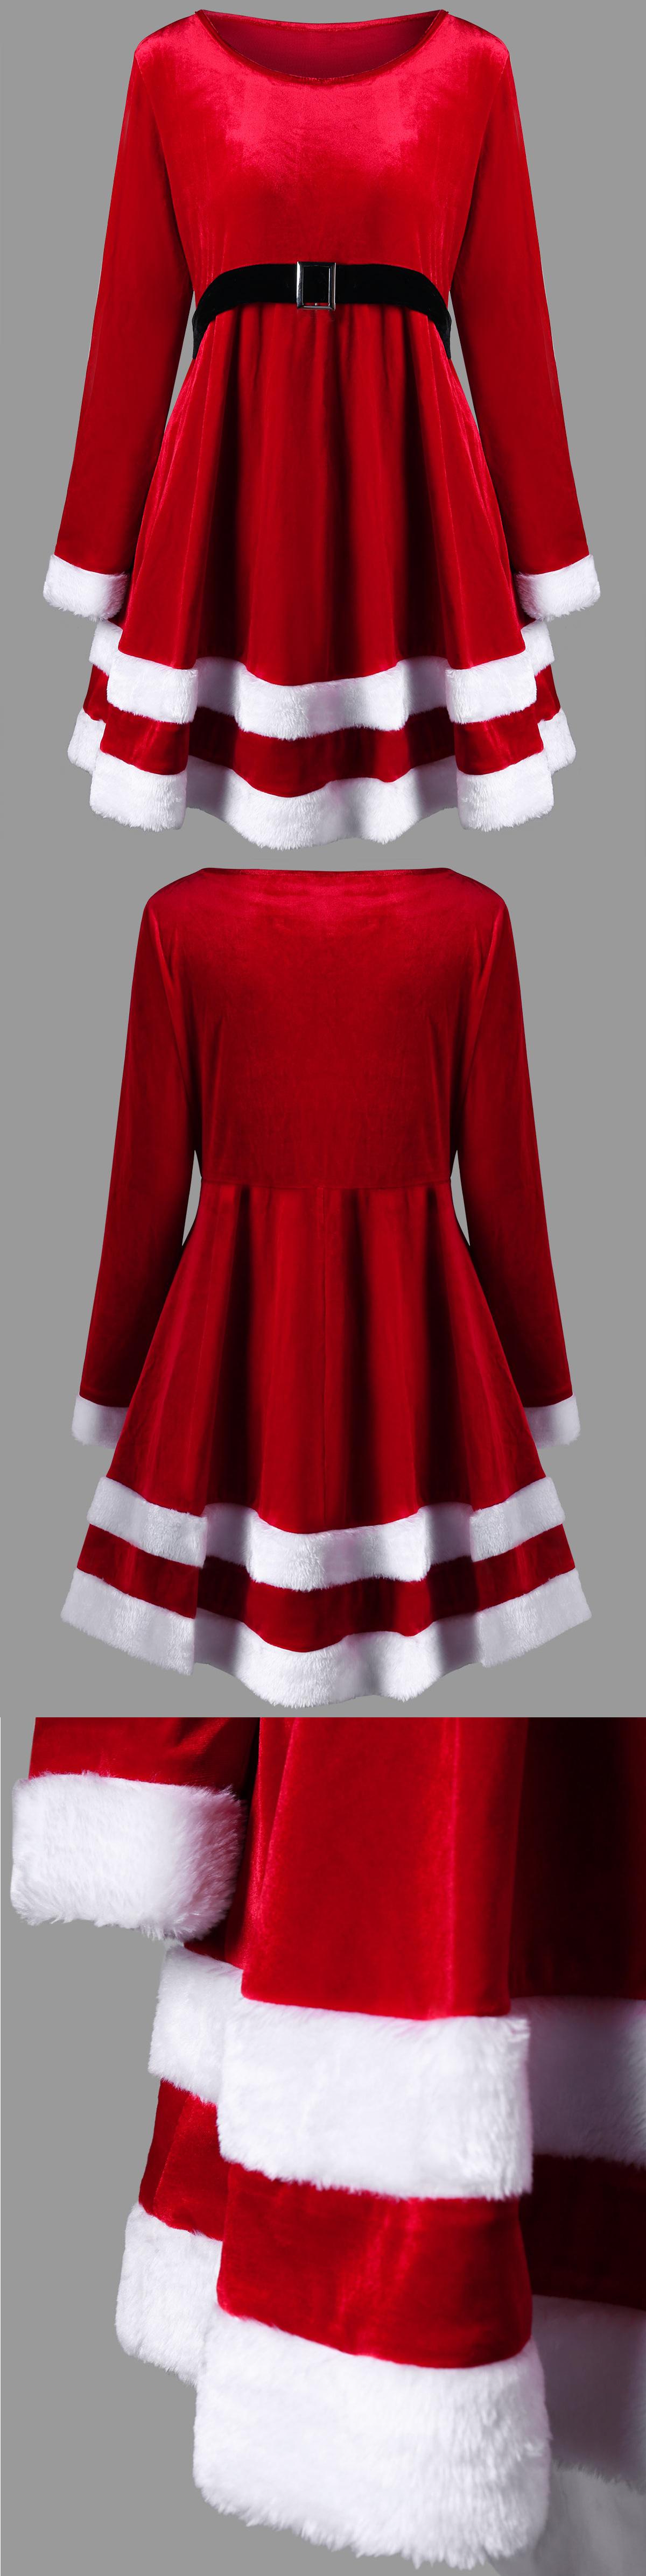 14 65 Wholesale Christmas Plus Size Velvet Long Sleeve Dress 3xl Red Rosewholesale Ro Long Sleeve Velvet Dress Dressy Casual Outfits Christmas Dress Women [ 4788 x 1200 Pixel ]